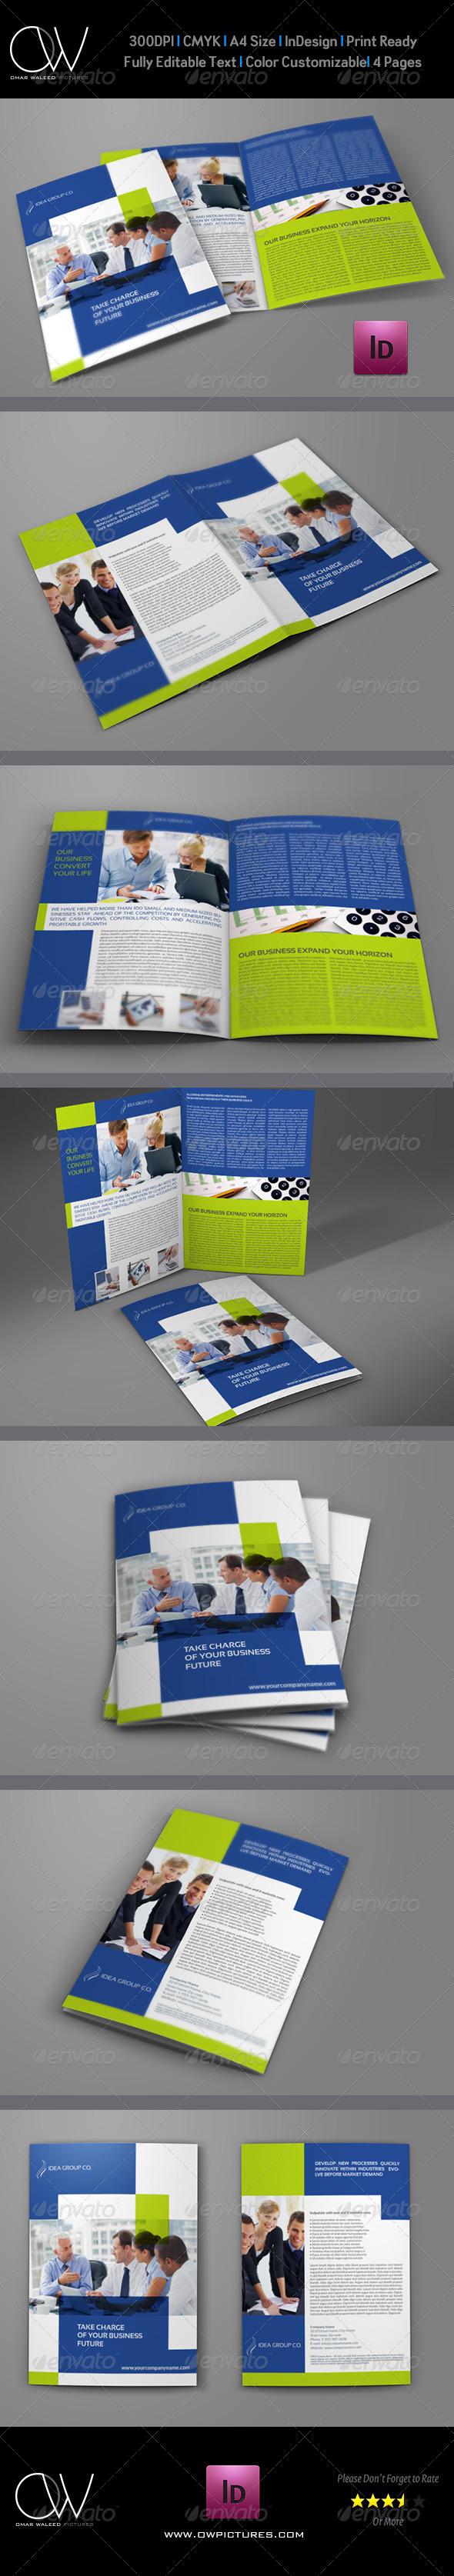 GraphicRiver Company Brochure Bi-Fold Template Vol.28 7762194